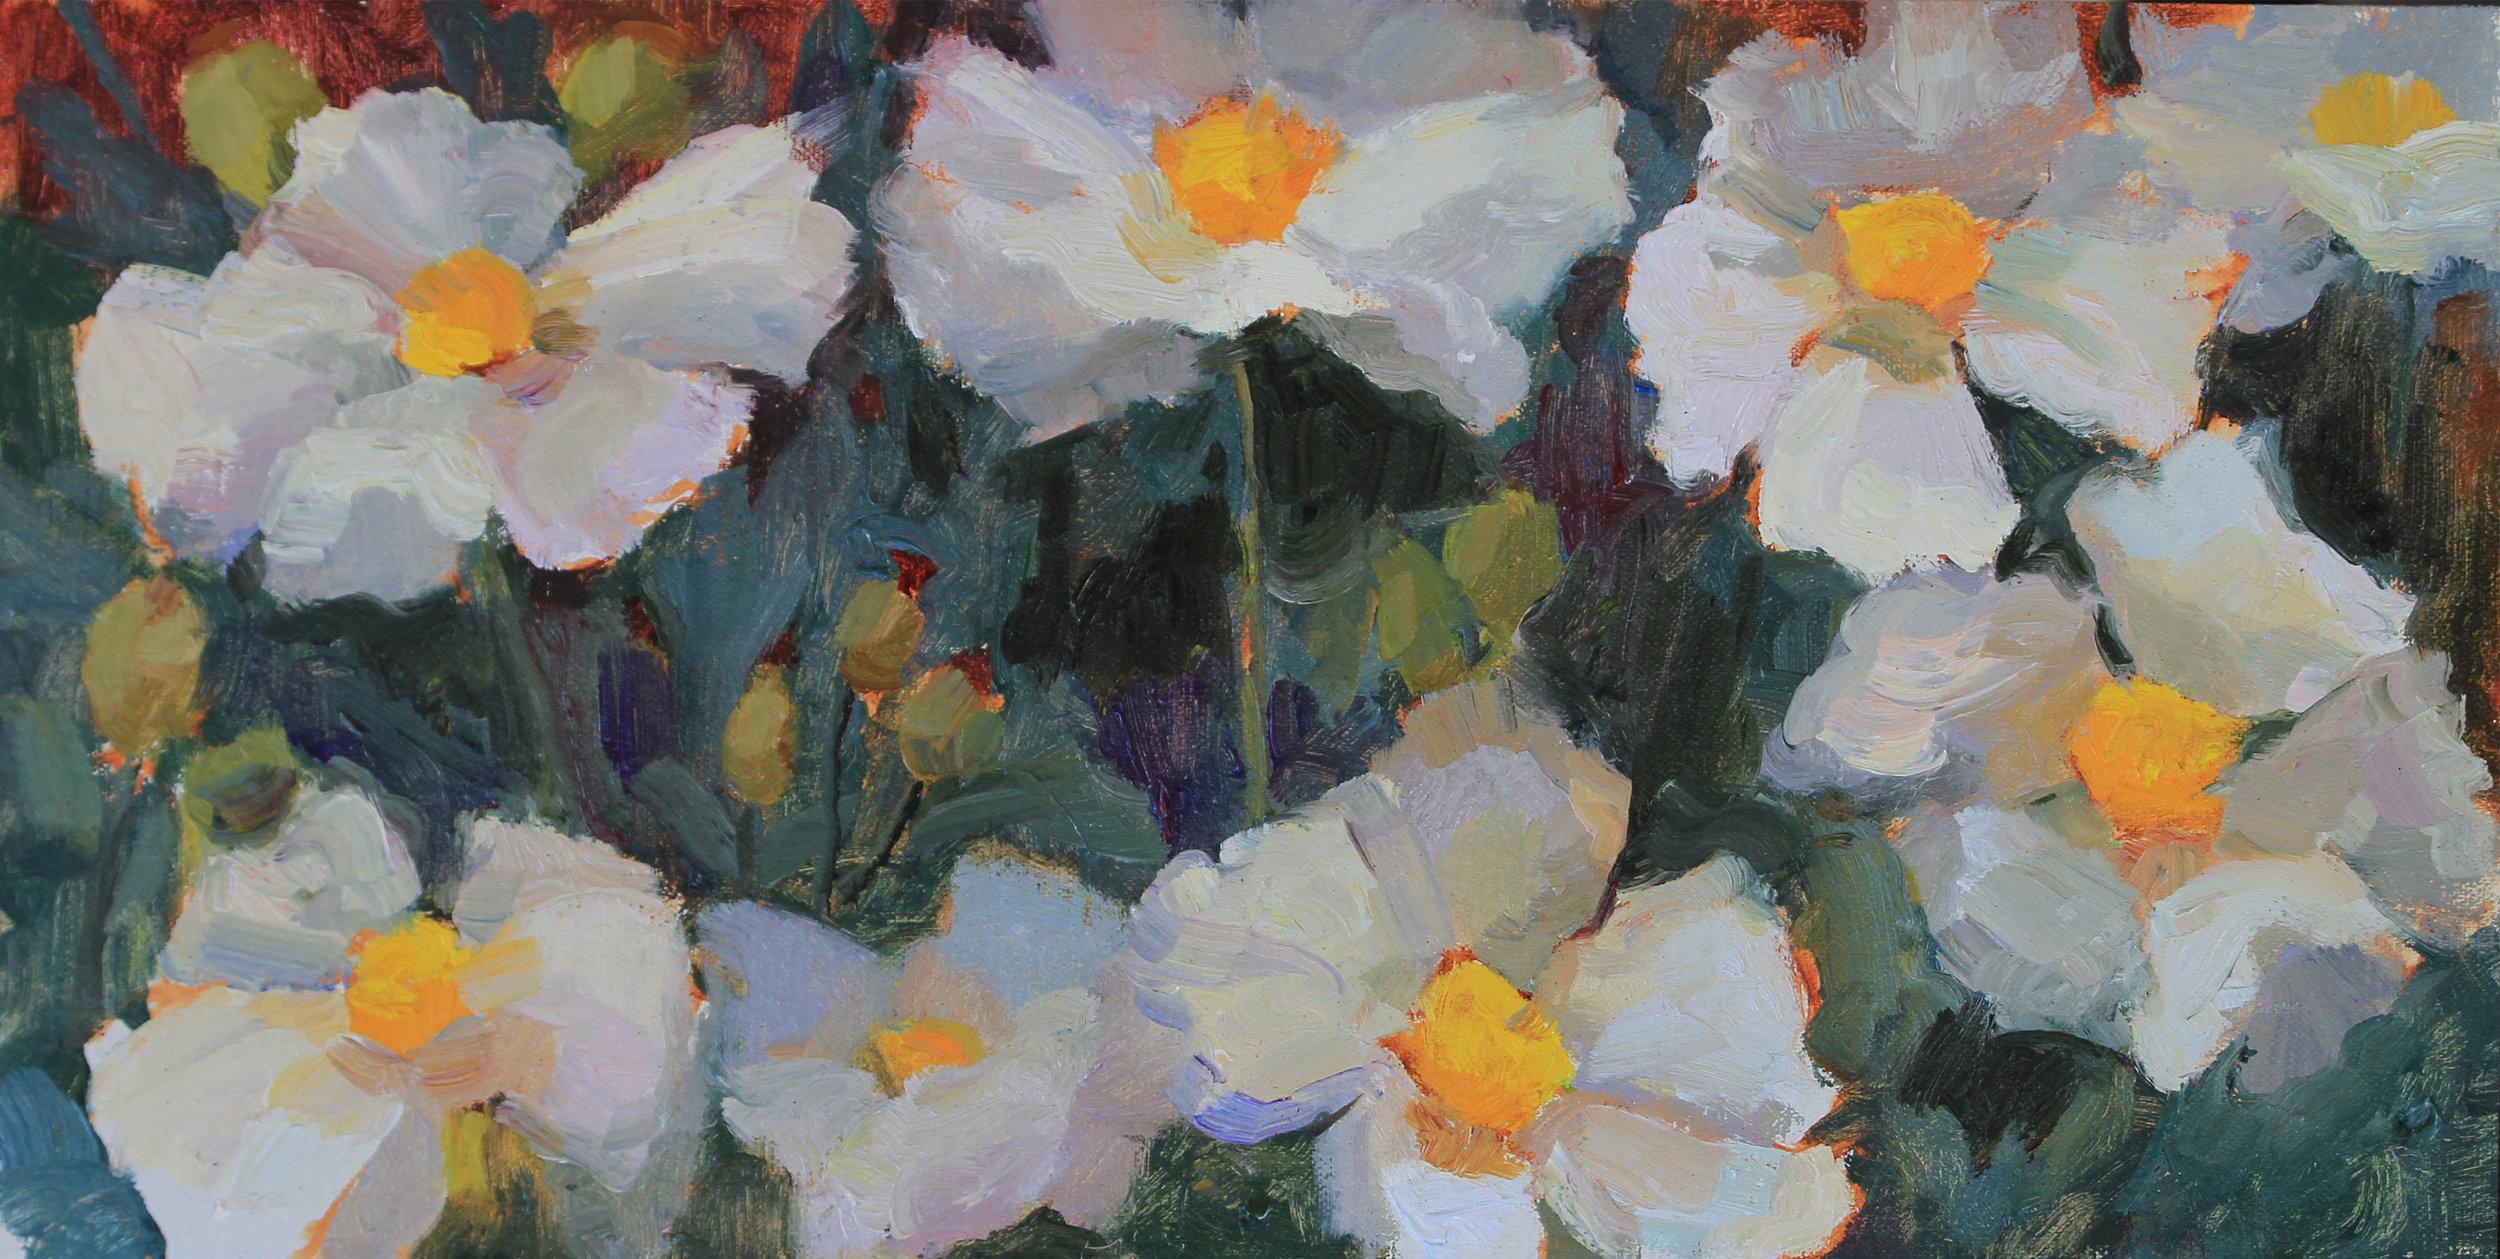 Rose Irelan